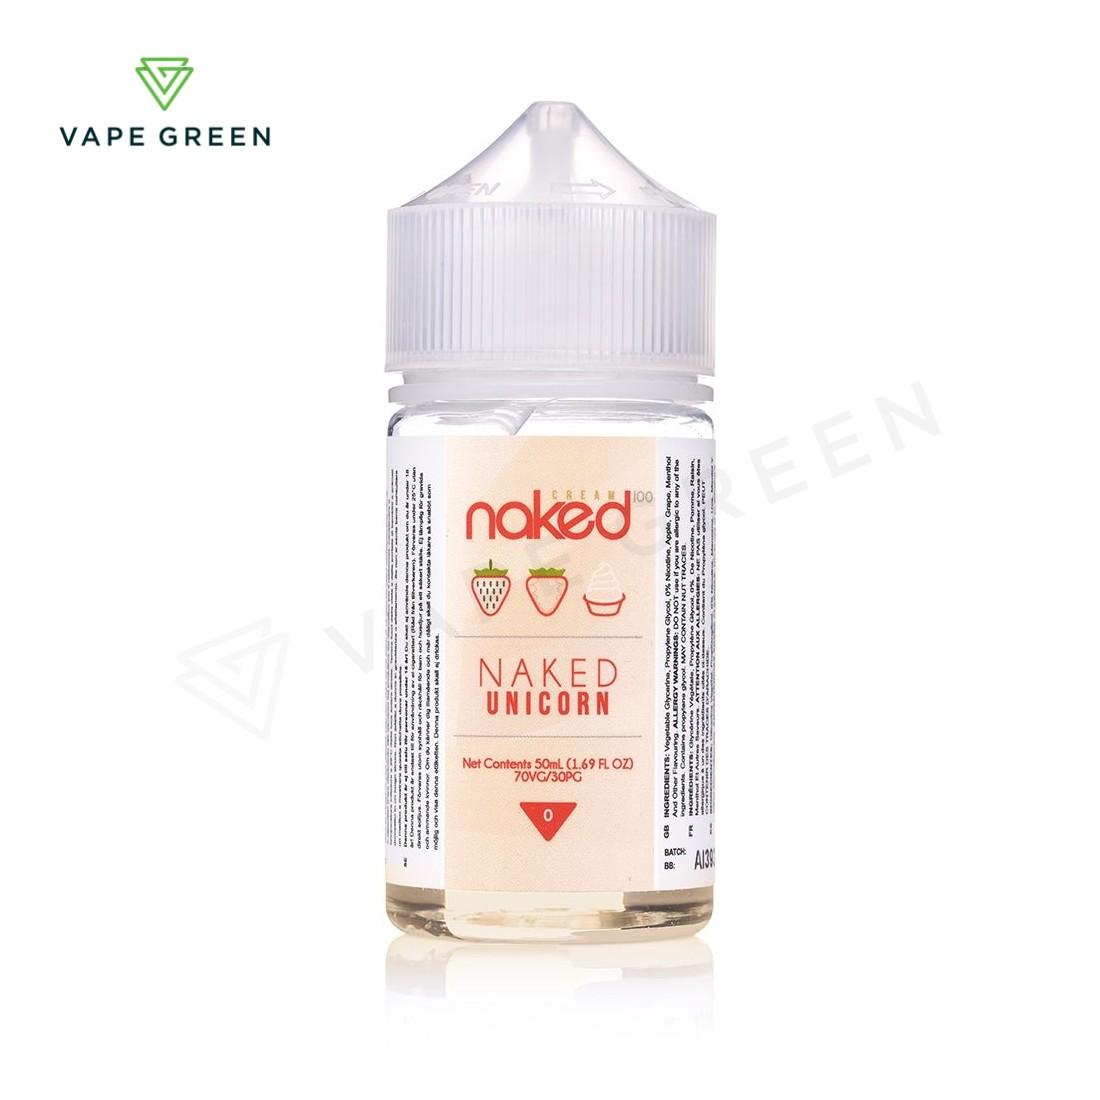 Naked Unicorn E-liquid by Naked 100 - 50ml